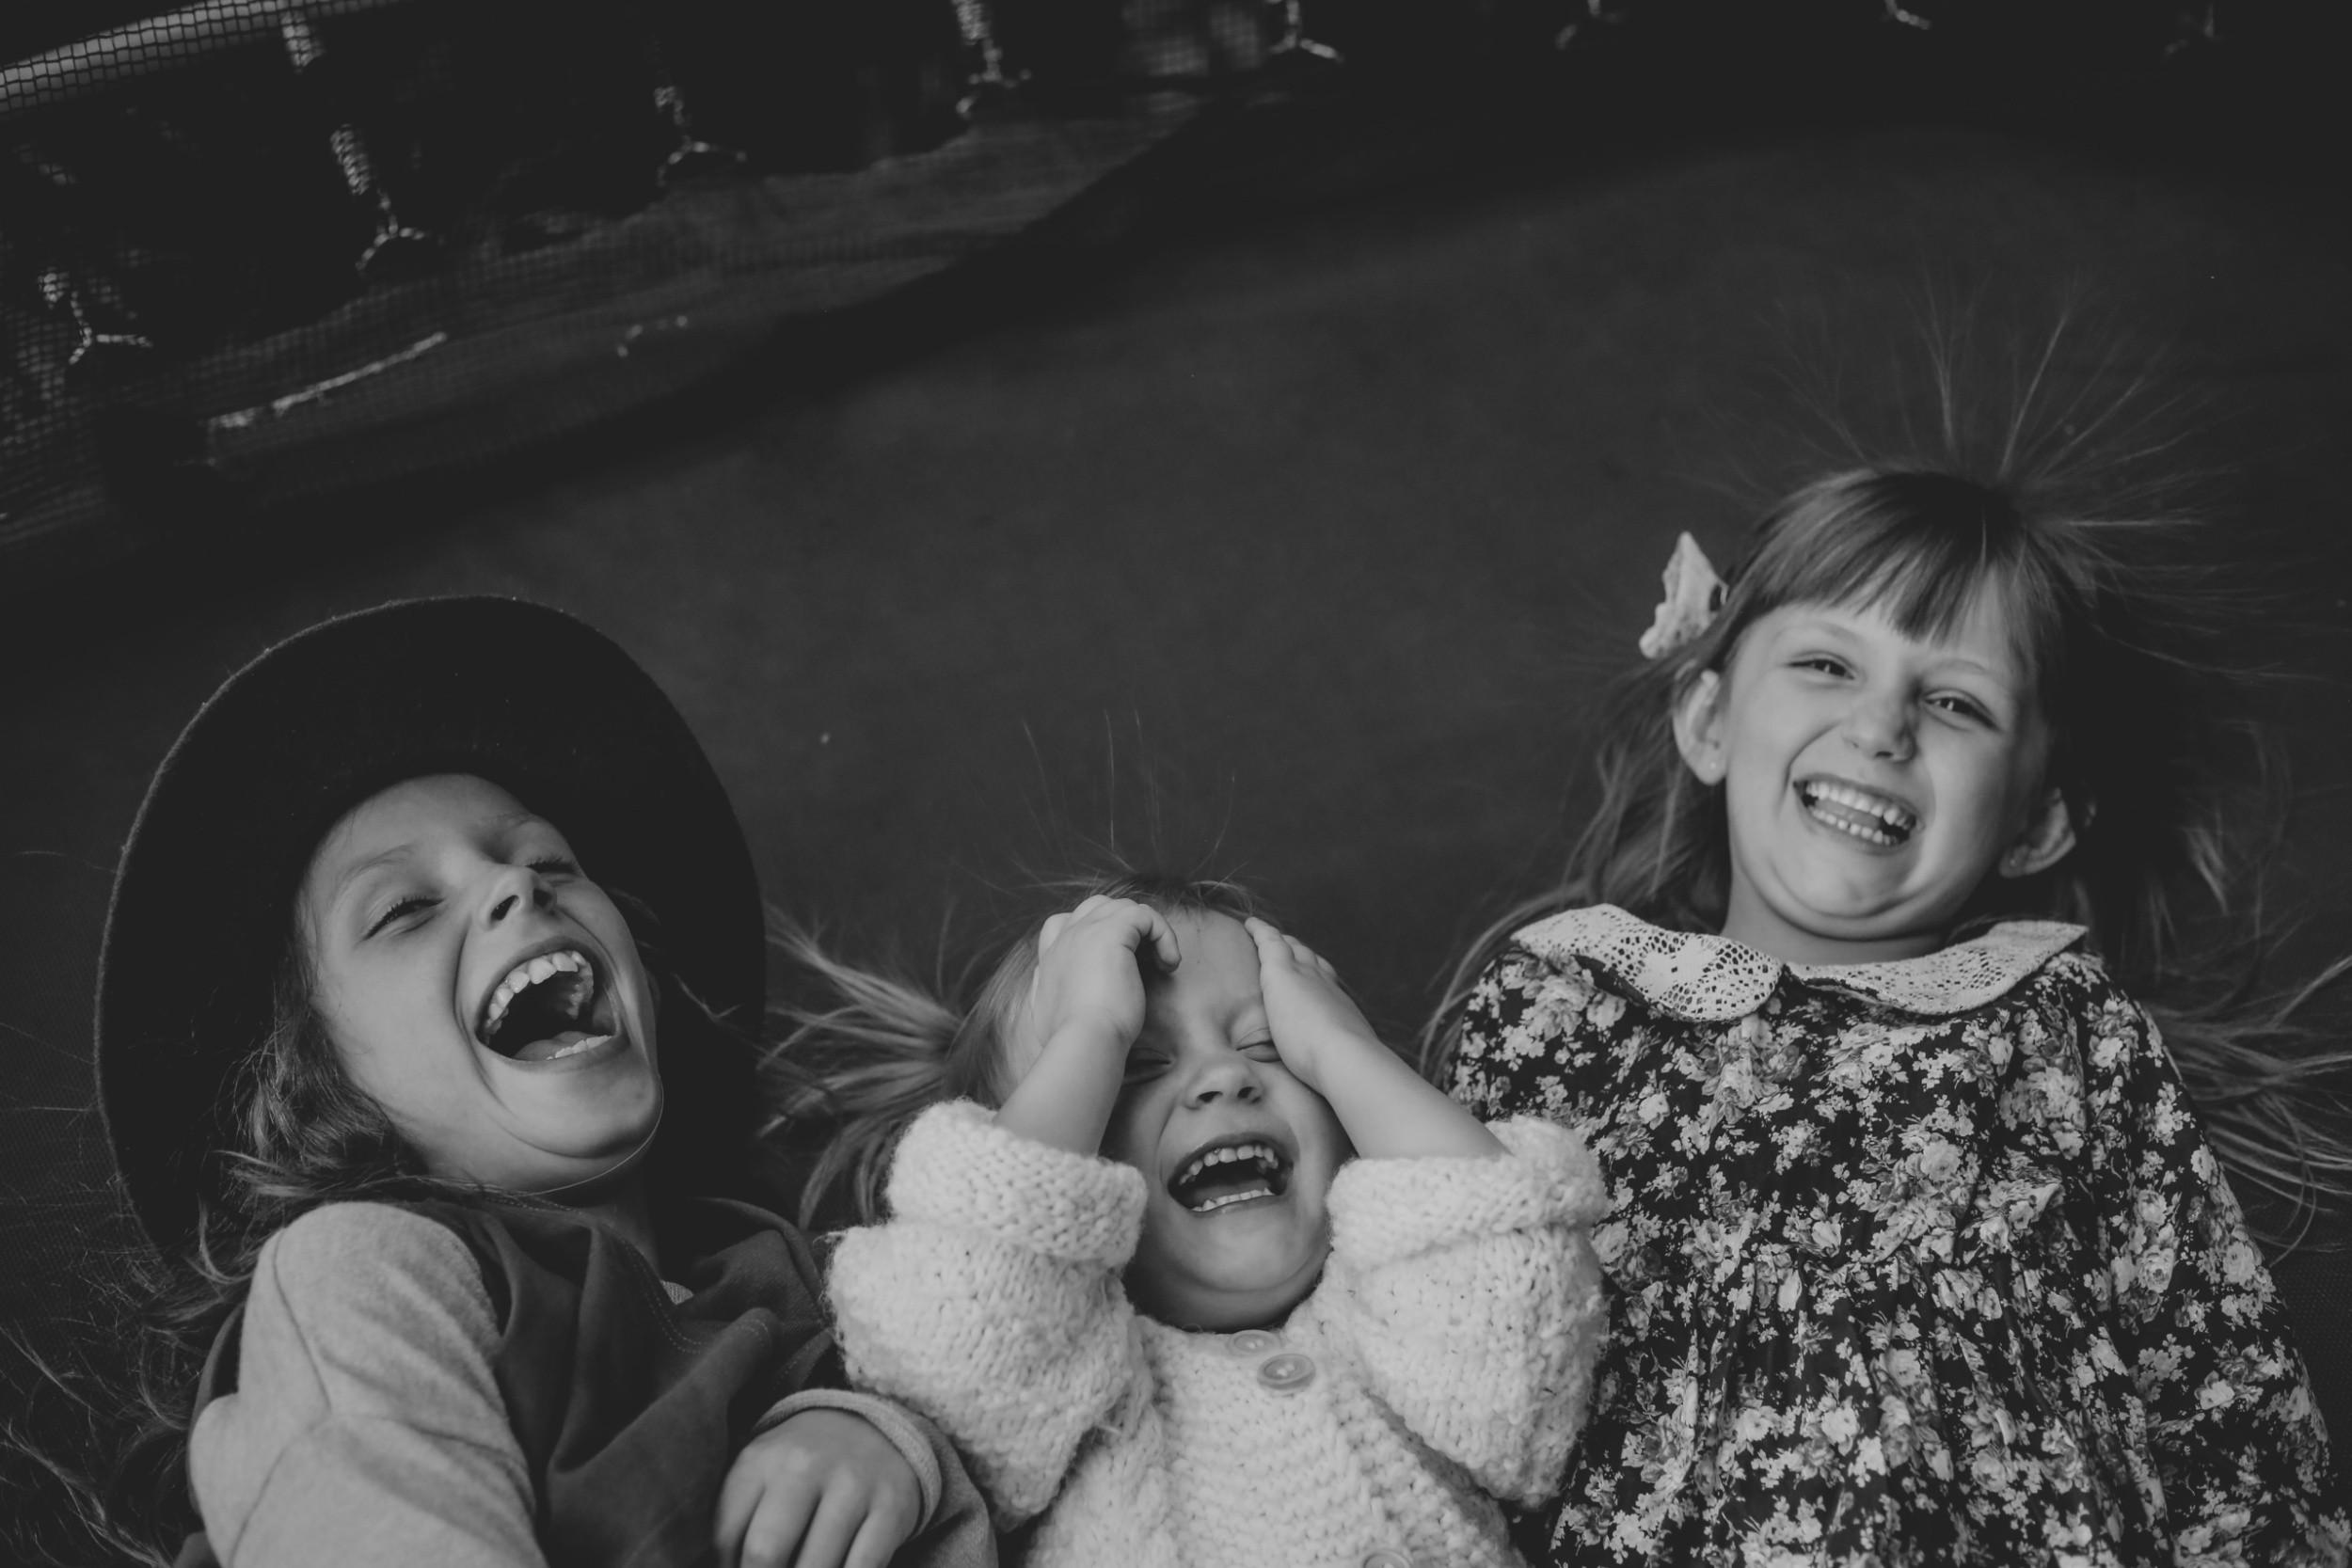 Winter Family Photo Shoot Inspiration